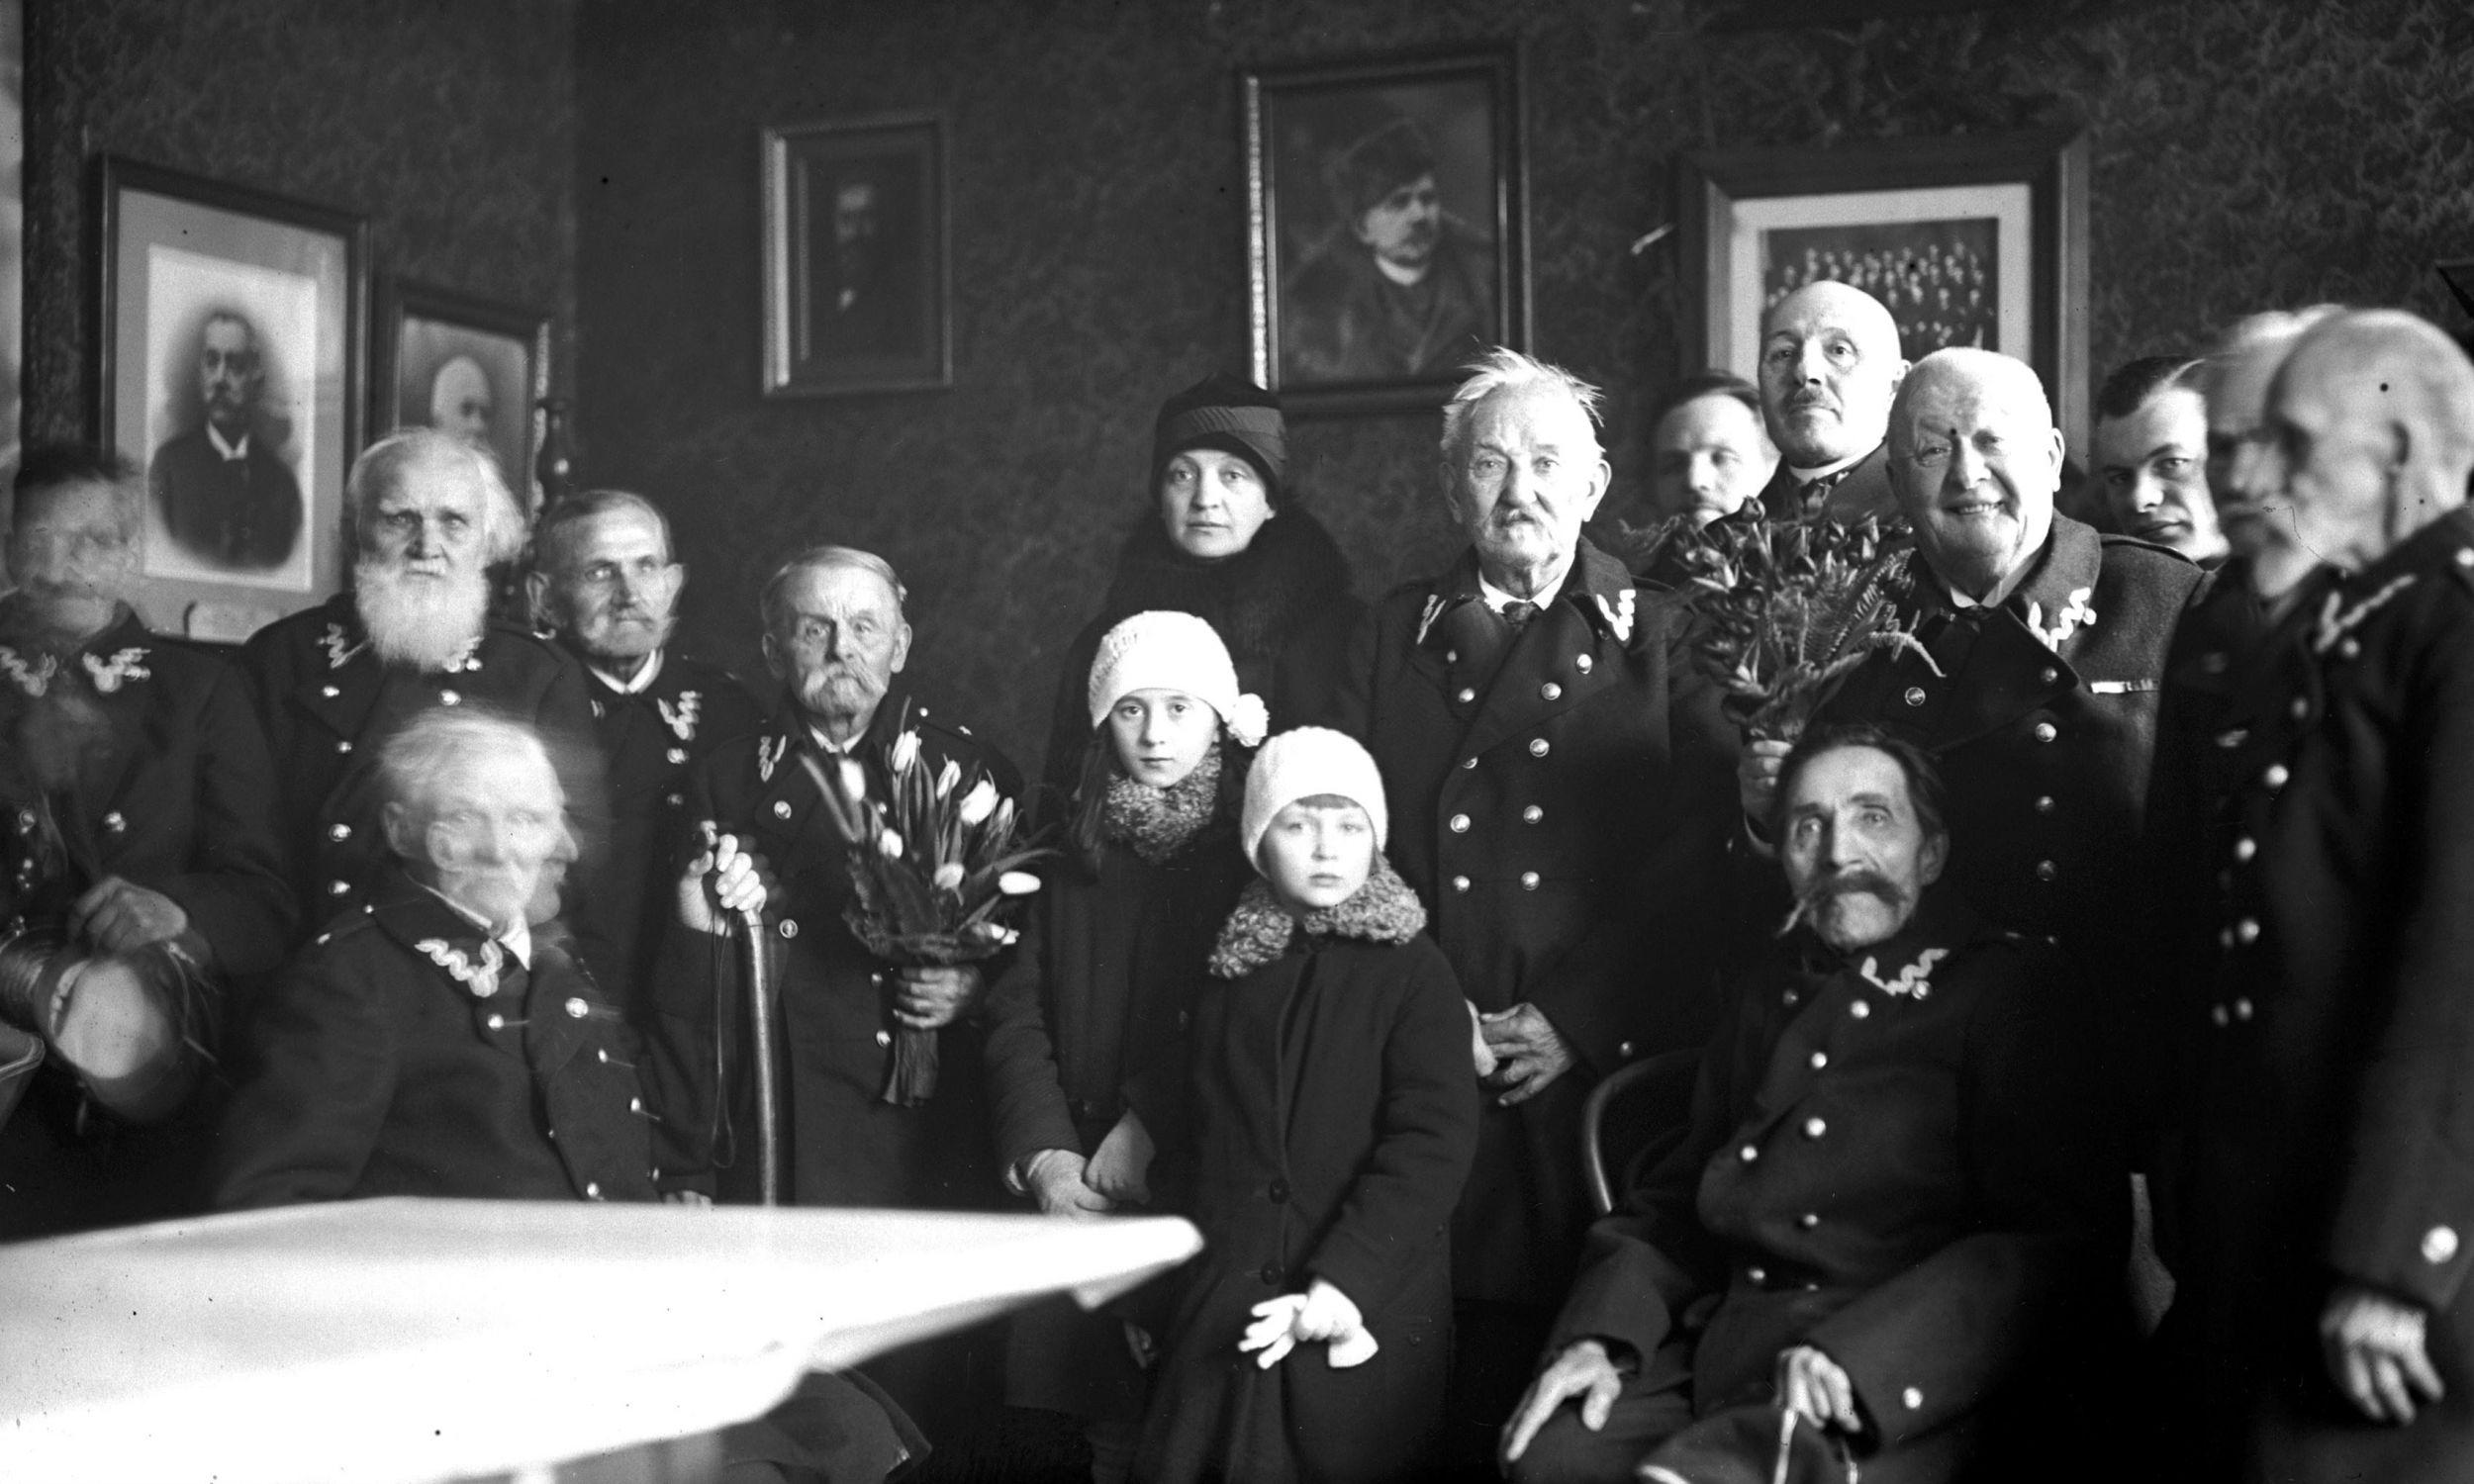 Rok 1928. Aleksandra Piłsudska z córkami Wandą i Jadwiga w schronisku dla weteranów 1863 roku. Fot. NAC/IKC